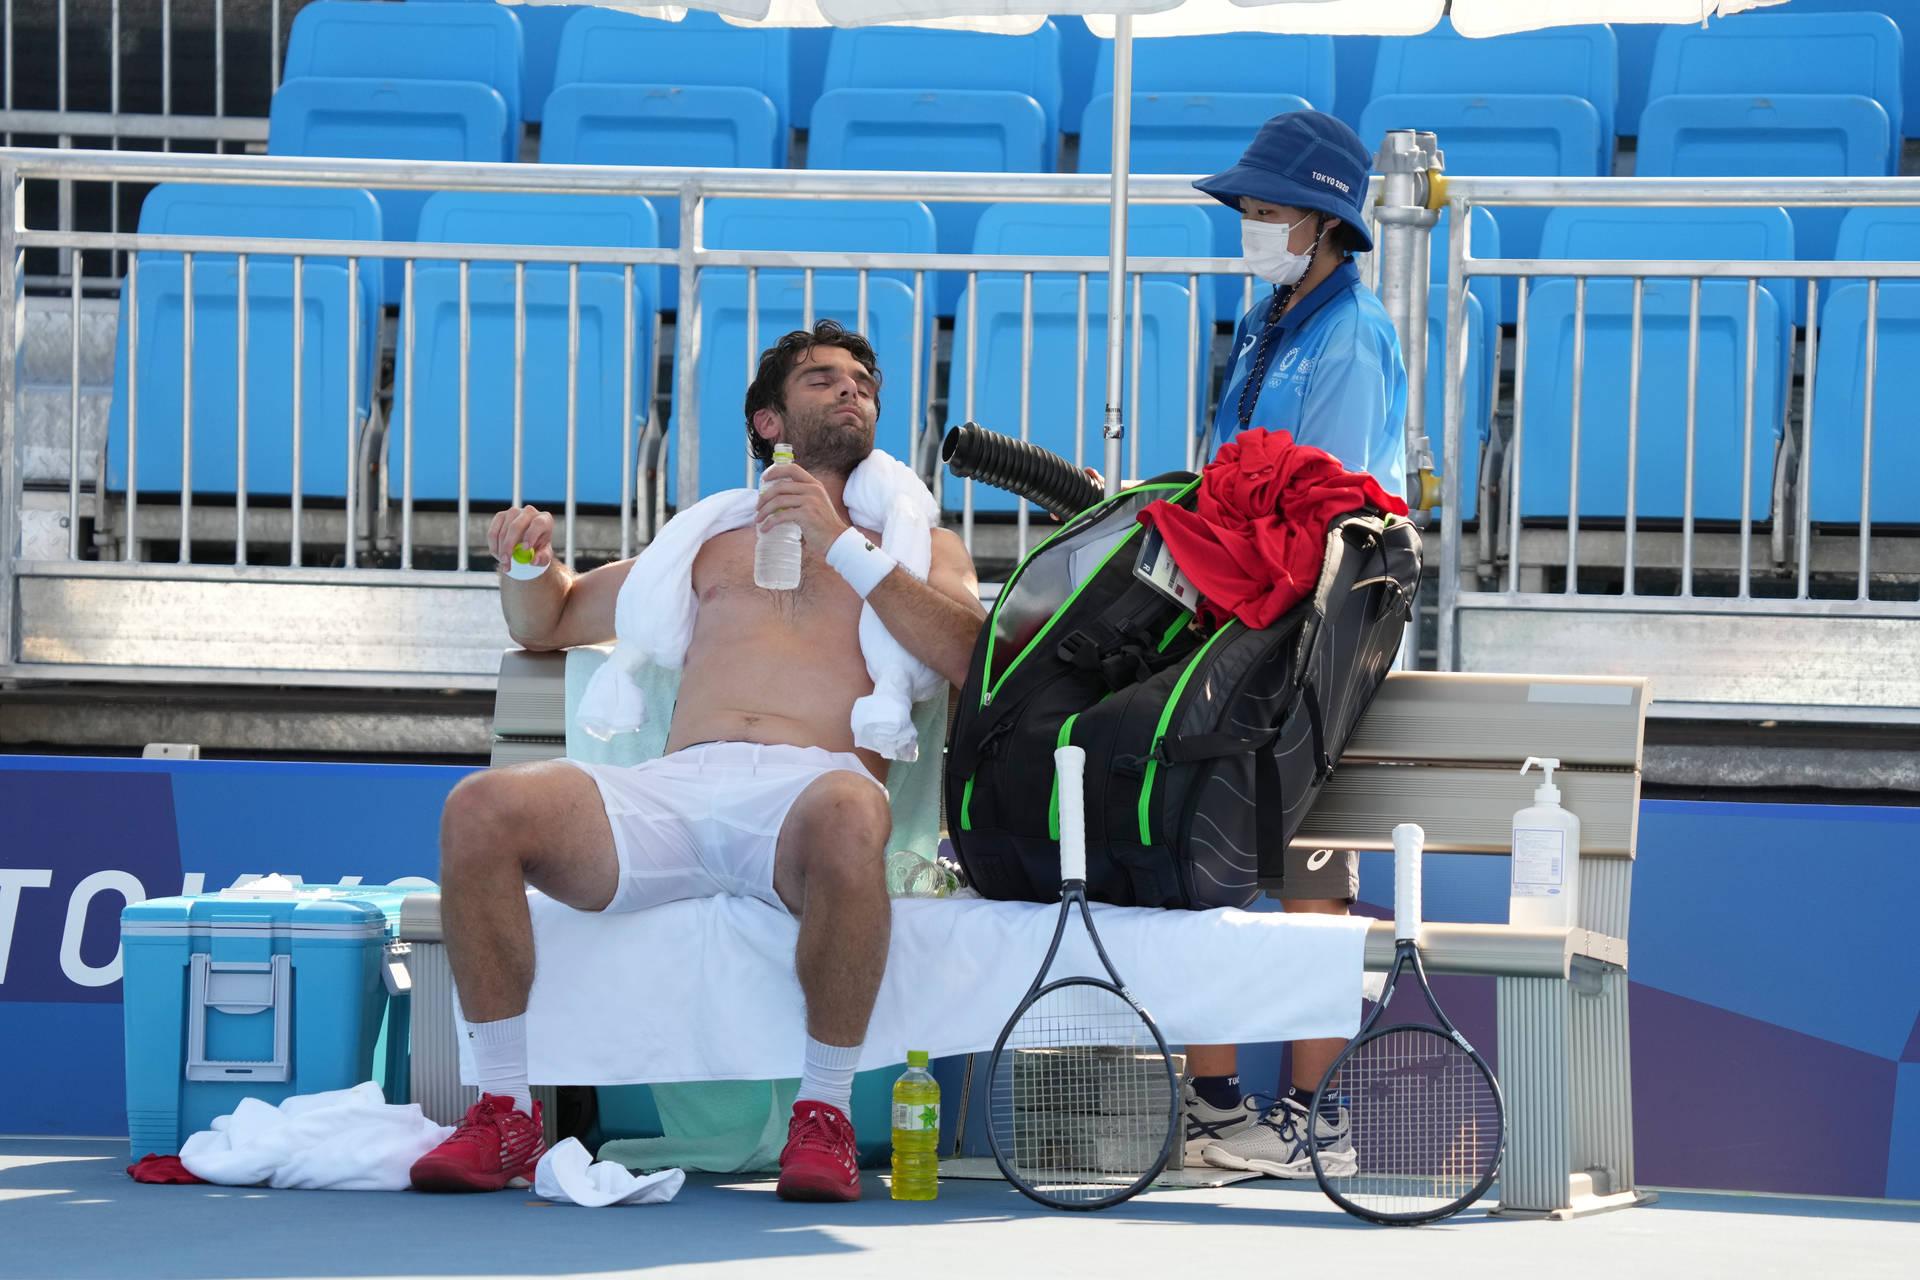 Tăng thời gian giải lao, chườm khăn đá và dùng cả quạt đá chuyên dụng ... là các giải pháp được đưa ra để giảm nhiệt cho VĐV ở môn tennis. Ảnh: i